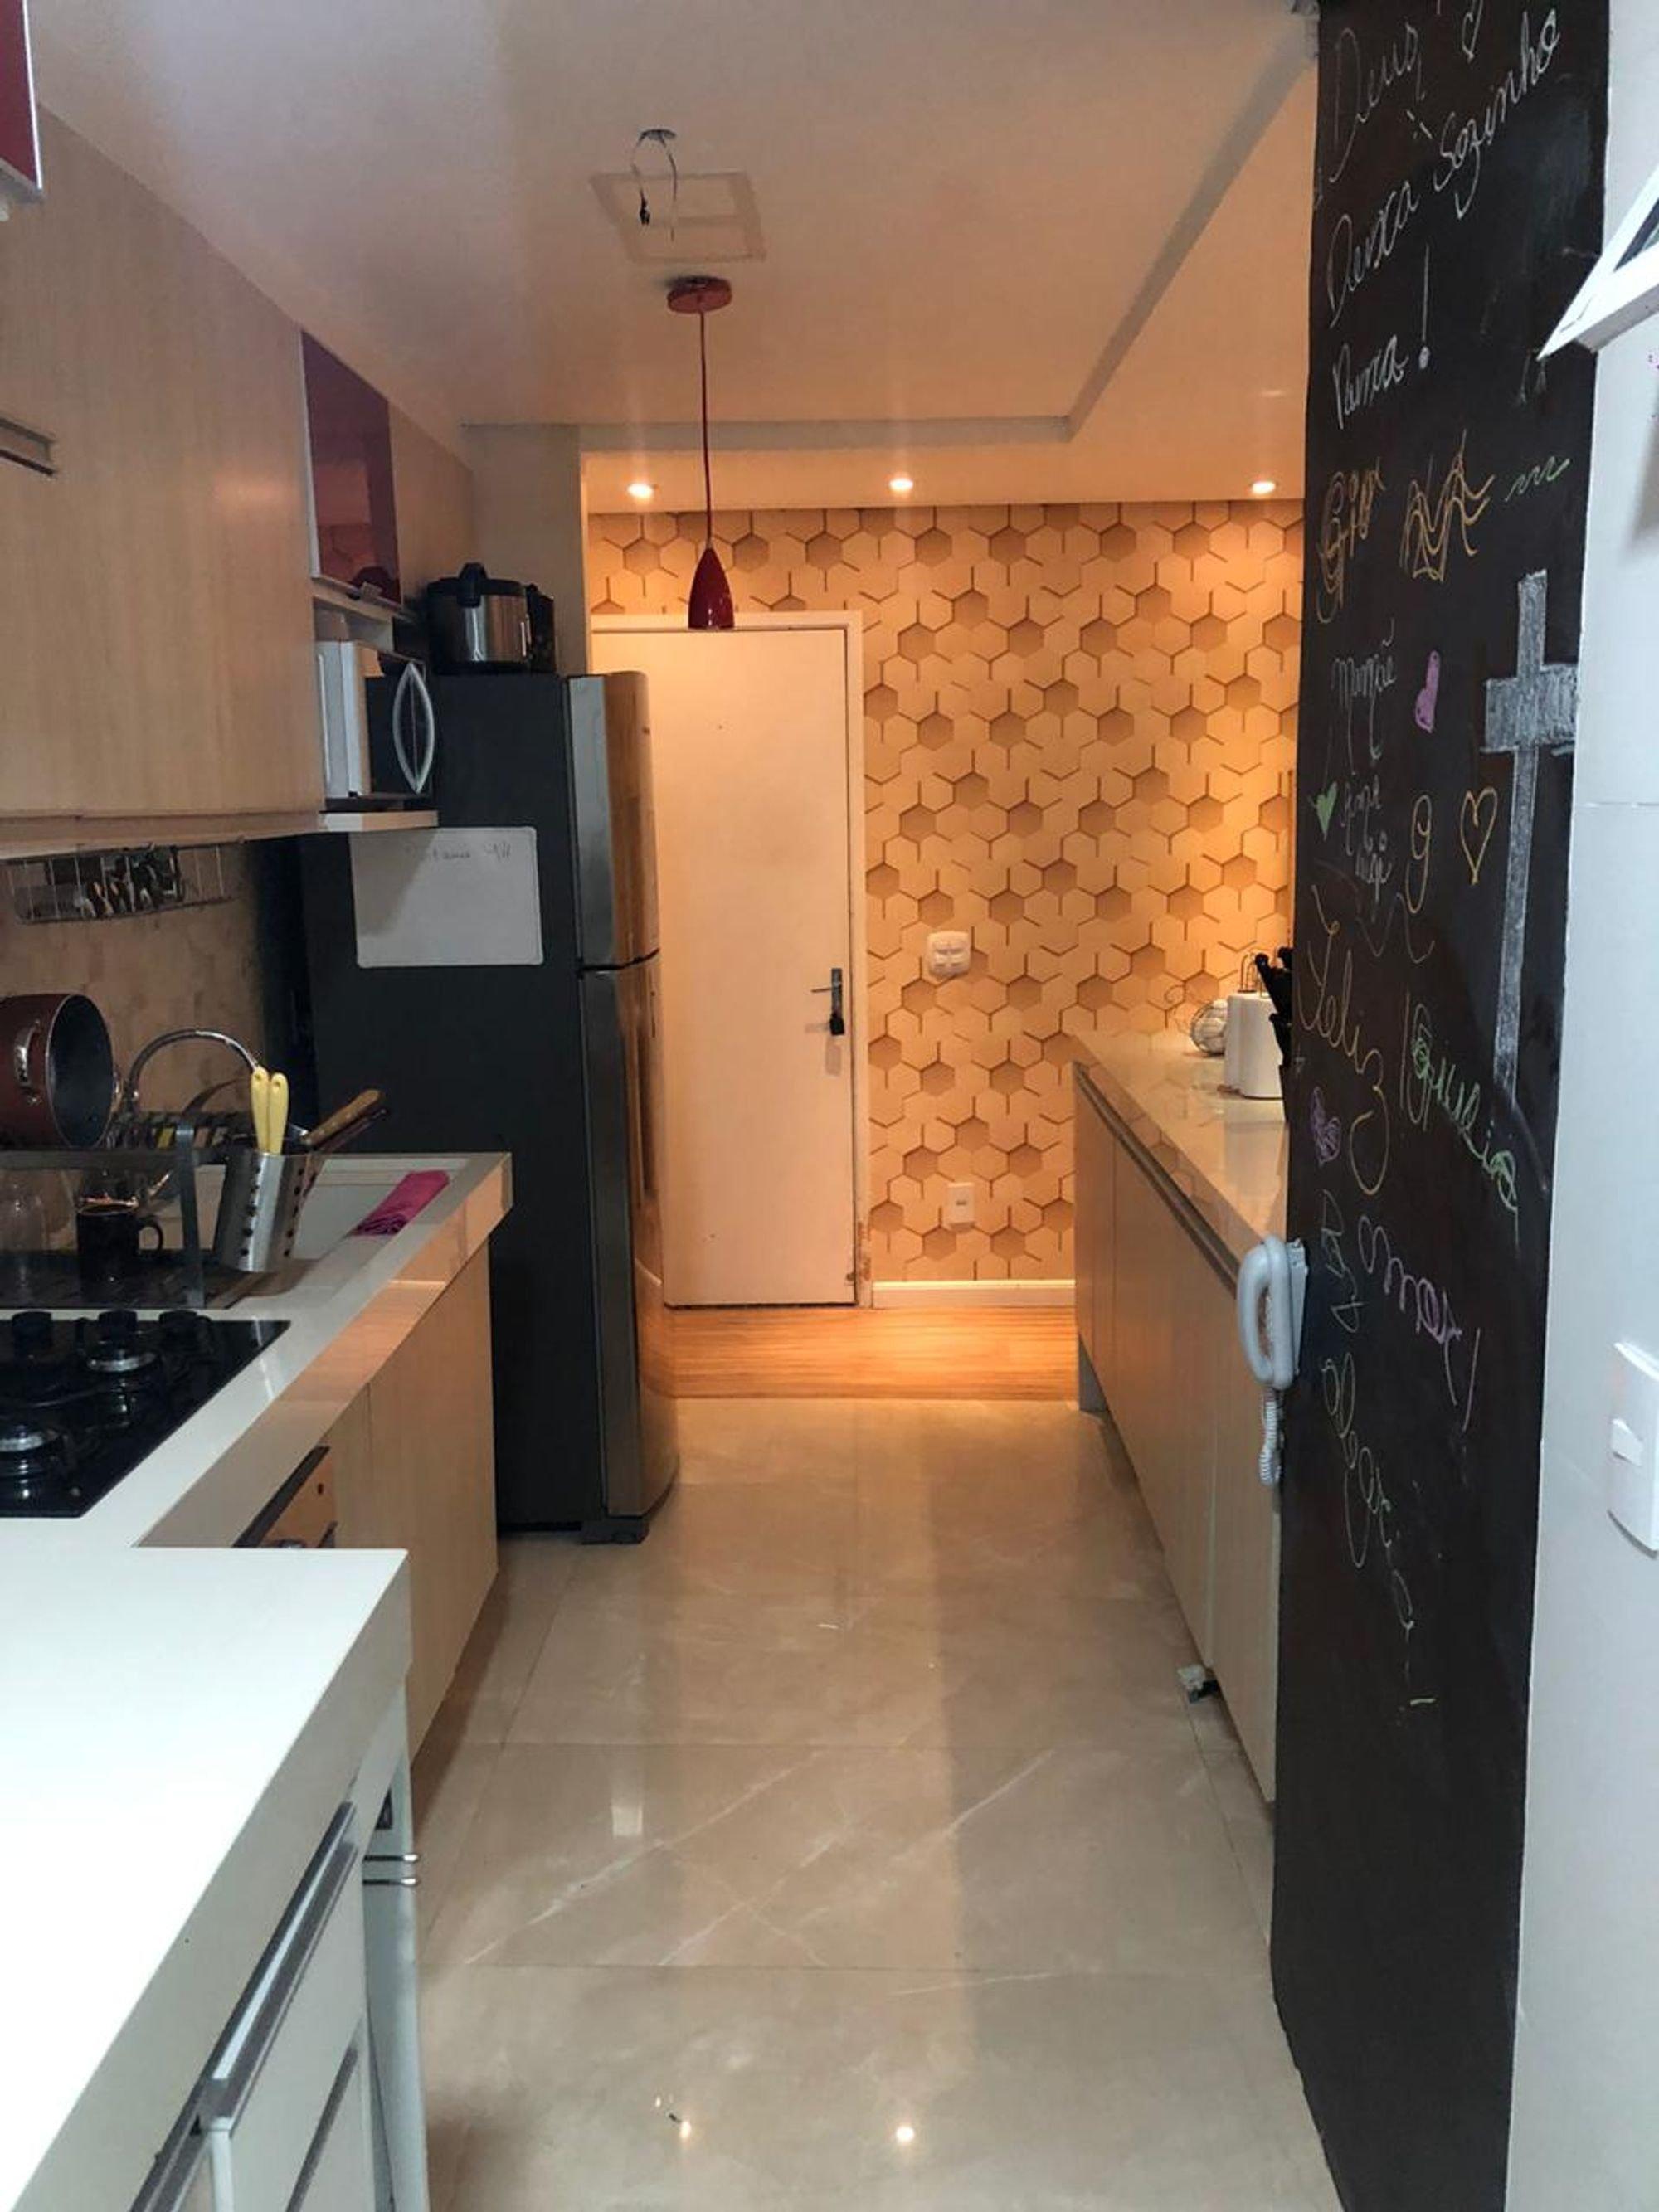 Foto de Cozinha com geladeira, xícara